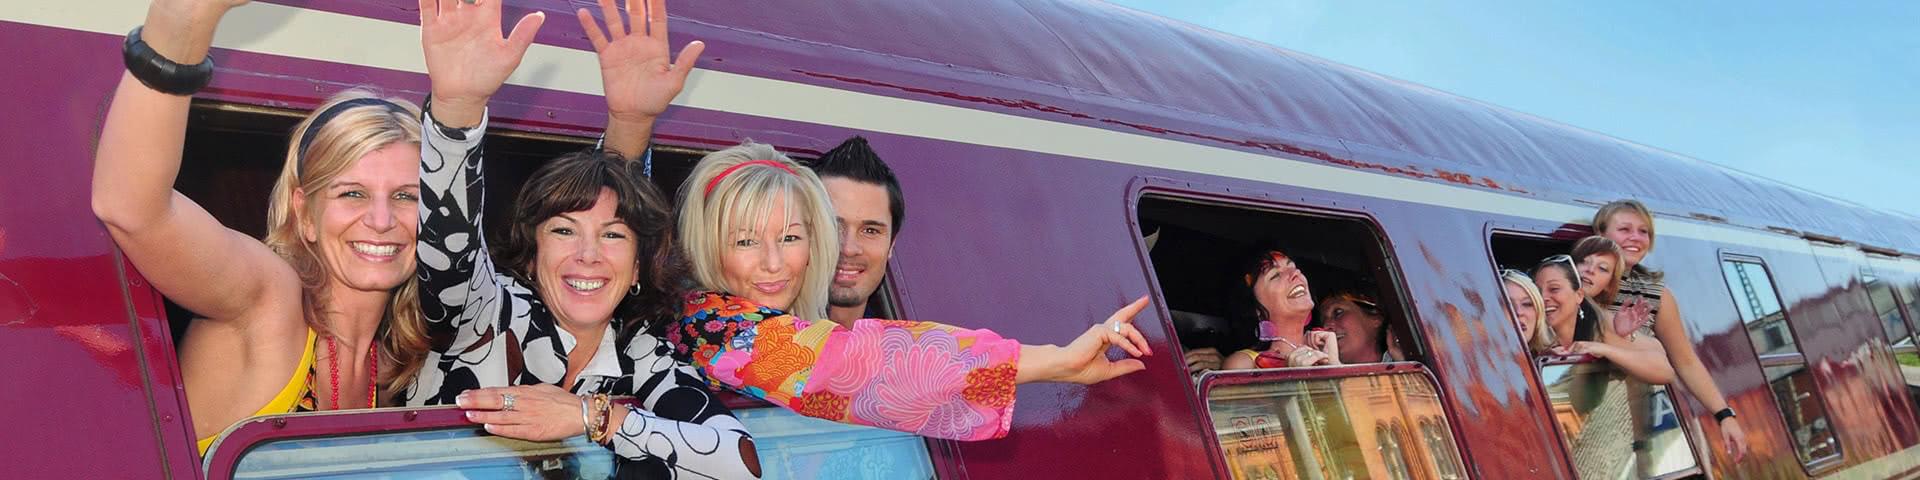 Feiernde Menschen winken aus dem Partyzug auf dem Weg nach Hamburg zur Schlagerparty